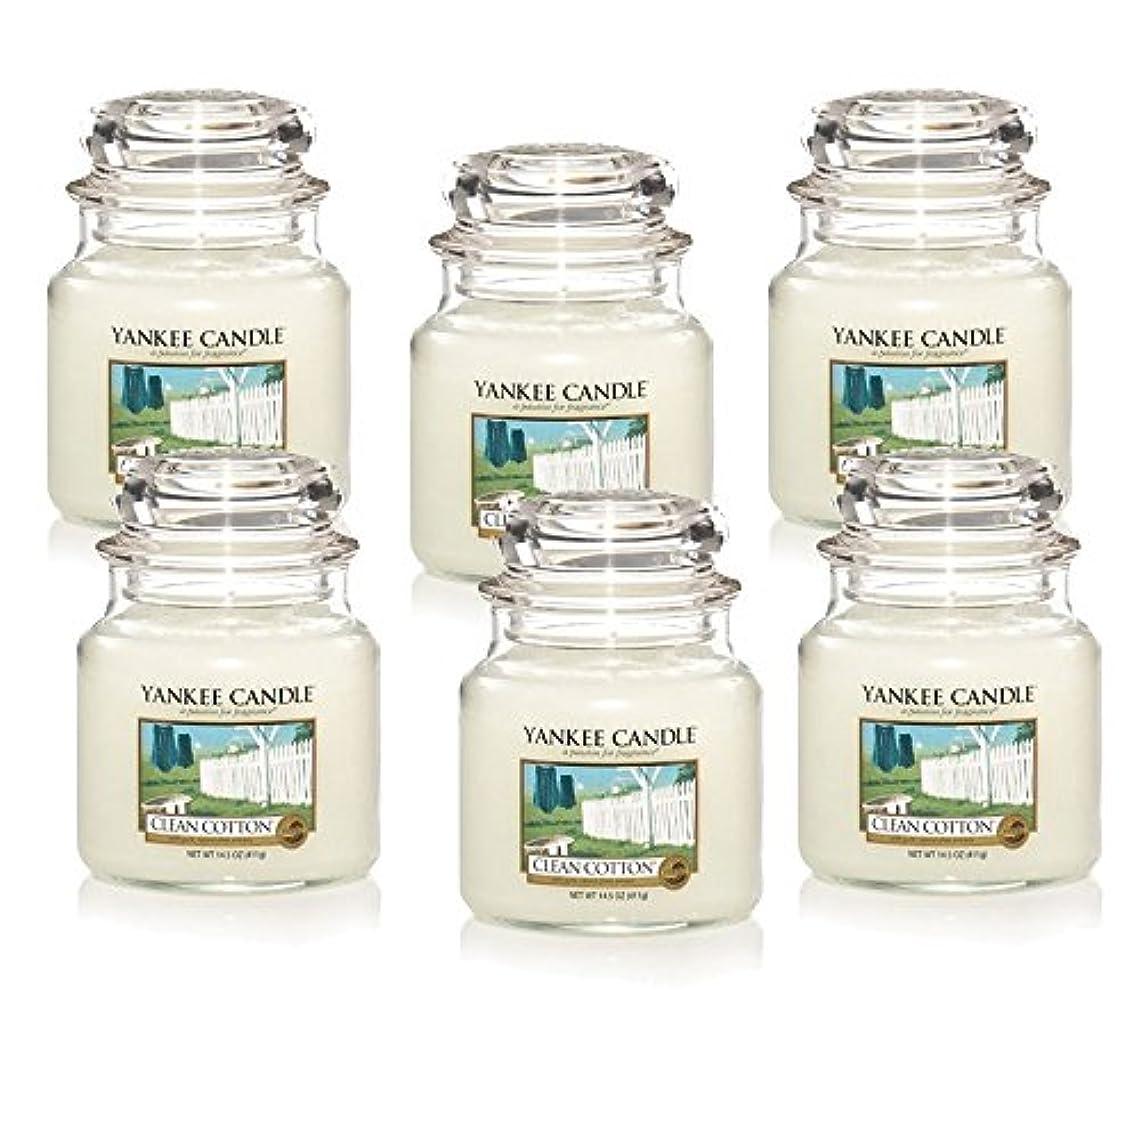 検出可能囲まれた不健全Yankee Candle Company Clean Cotton 14.5-Ounce Jar Candle, Medium, Set of 6 [並行輸入品]